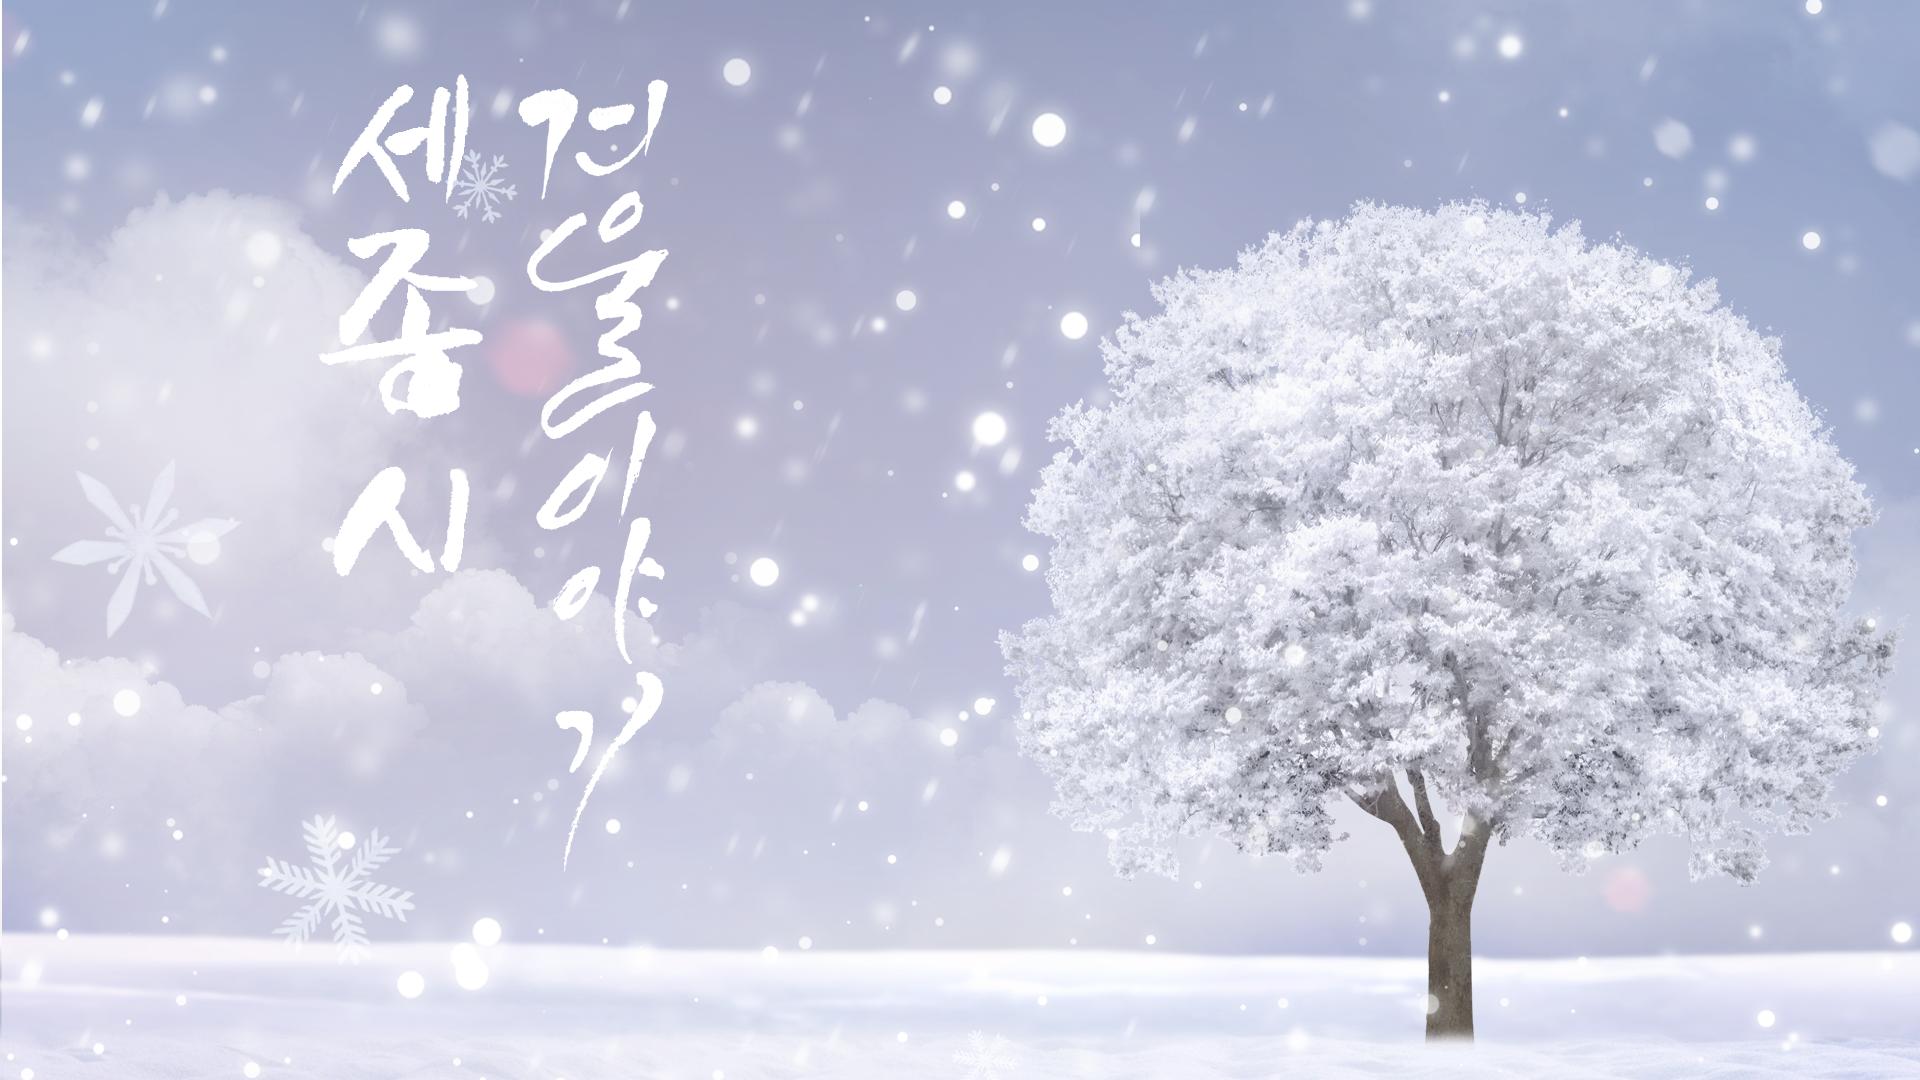 겨울이야기(금강 수목원 설경)